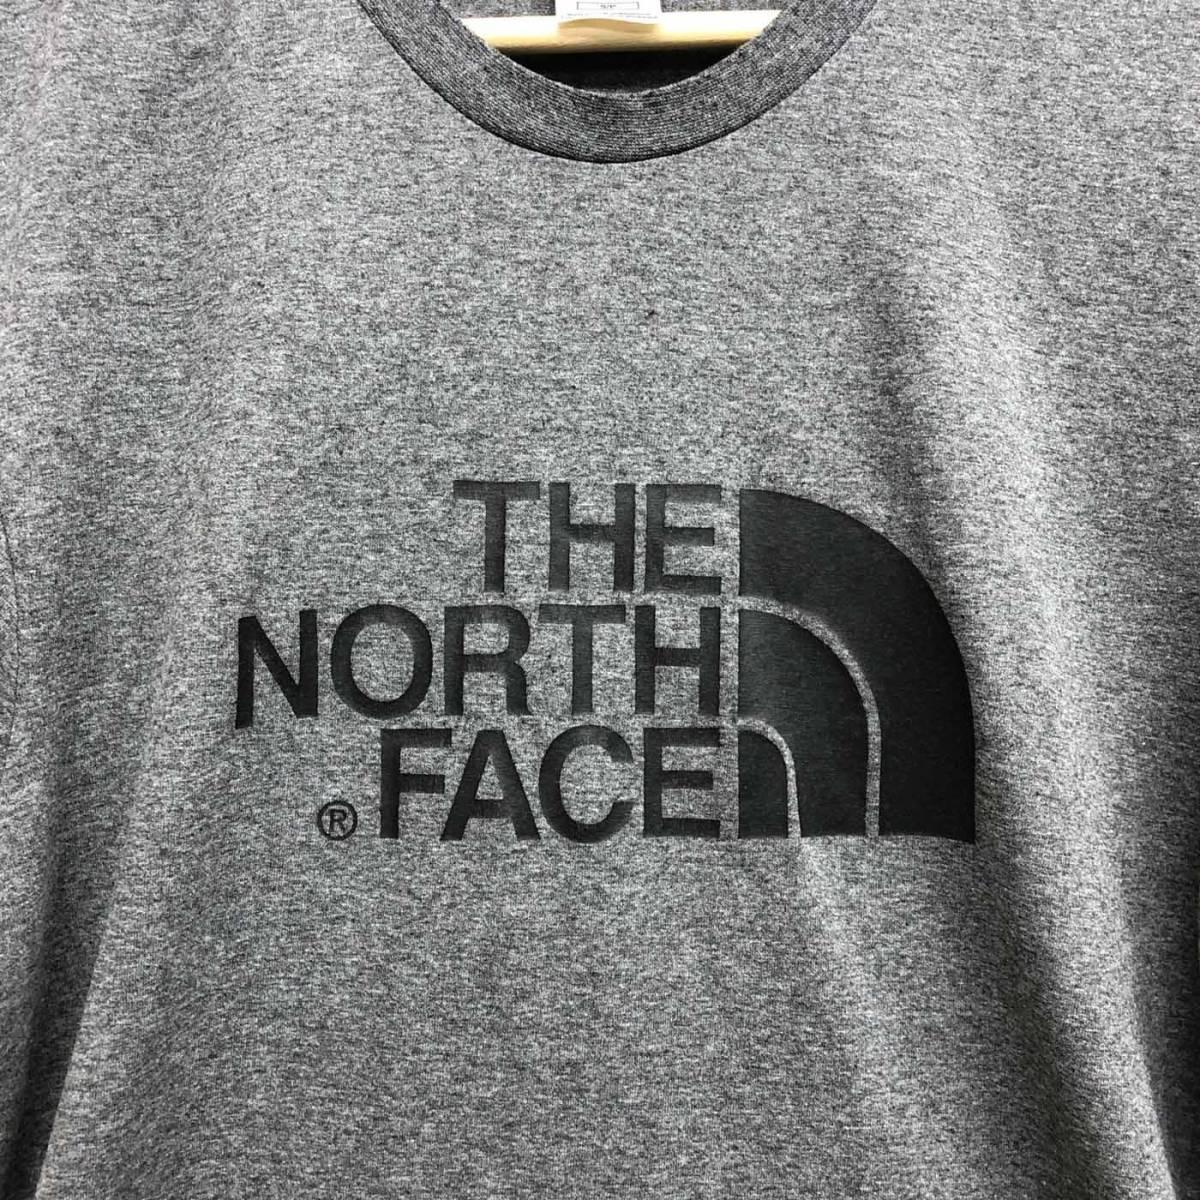 THE NORTH FACE ザ ノースフェイス スポーツウェア 半袖Tシャツ メンズ Sサイズ ポリエステル50% コットン50%